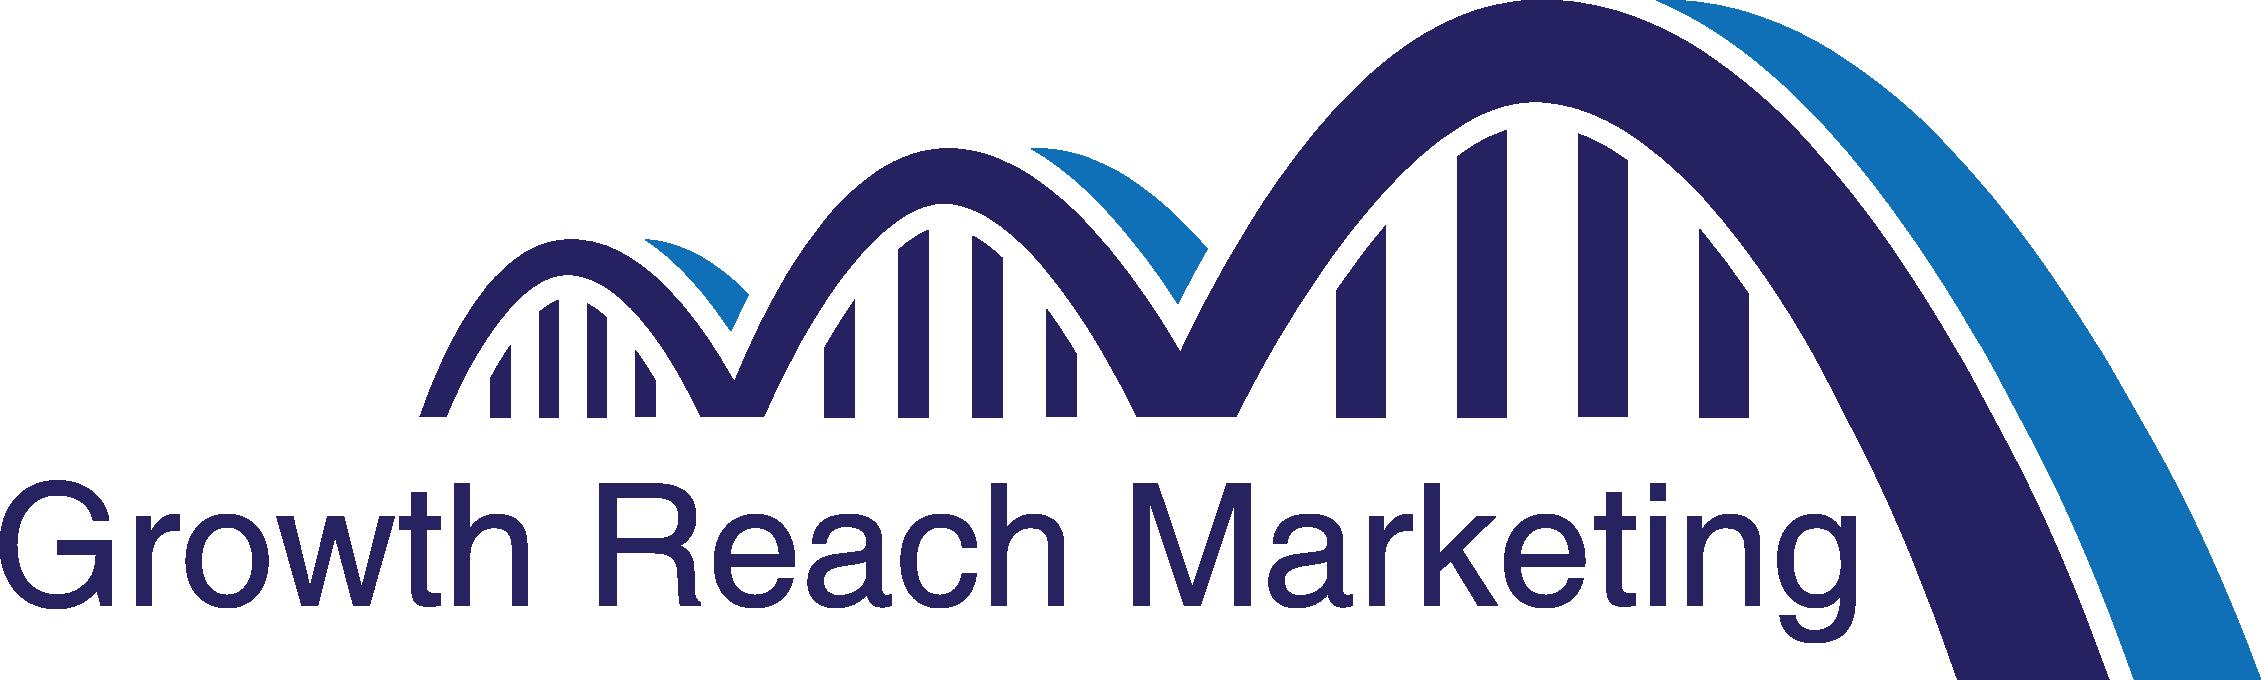 Growth Reach Marketing, a chatbot developer